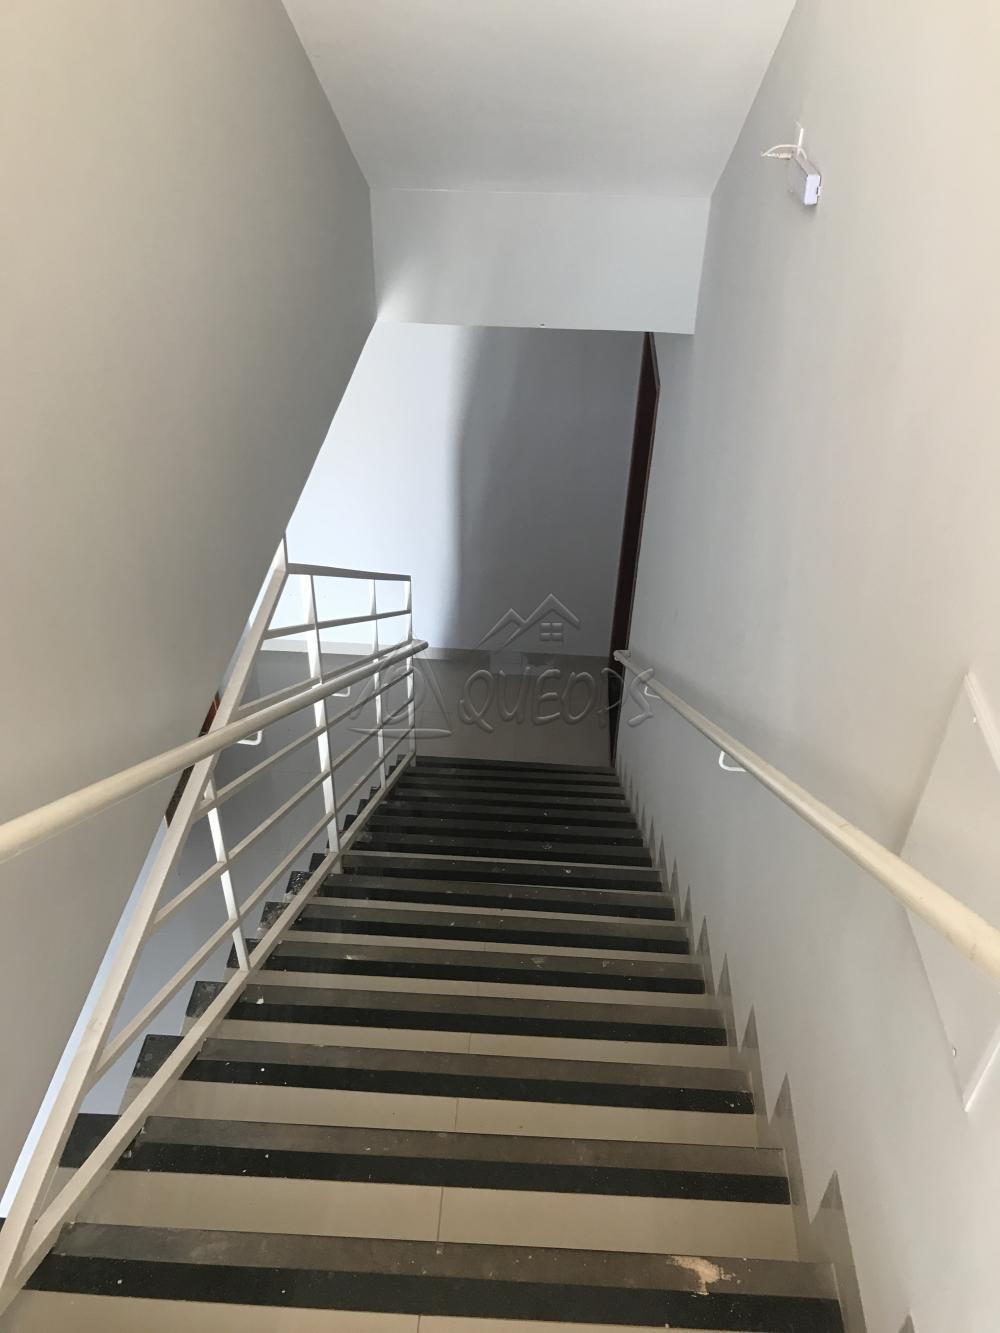 Alugar Apartamento / Padrão em Barretos apenas R$ 1.800,00 - Foto 20